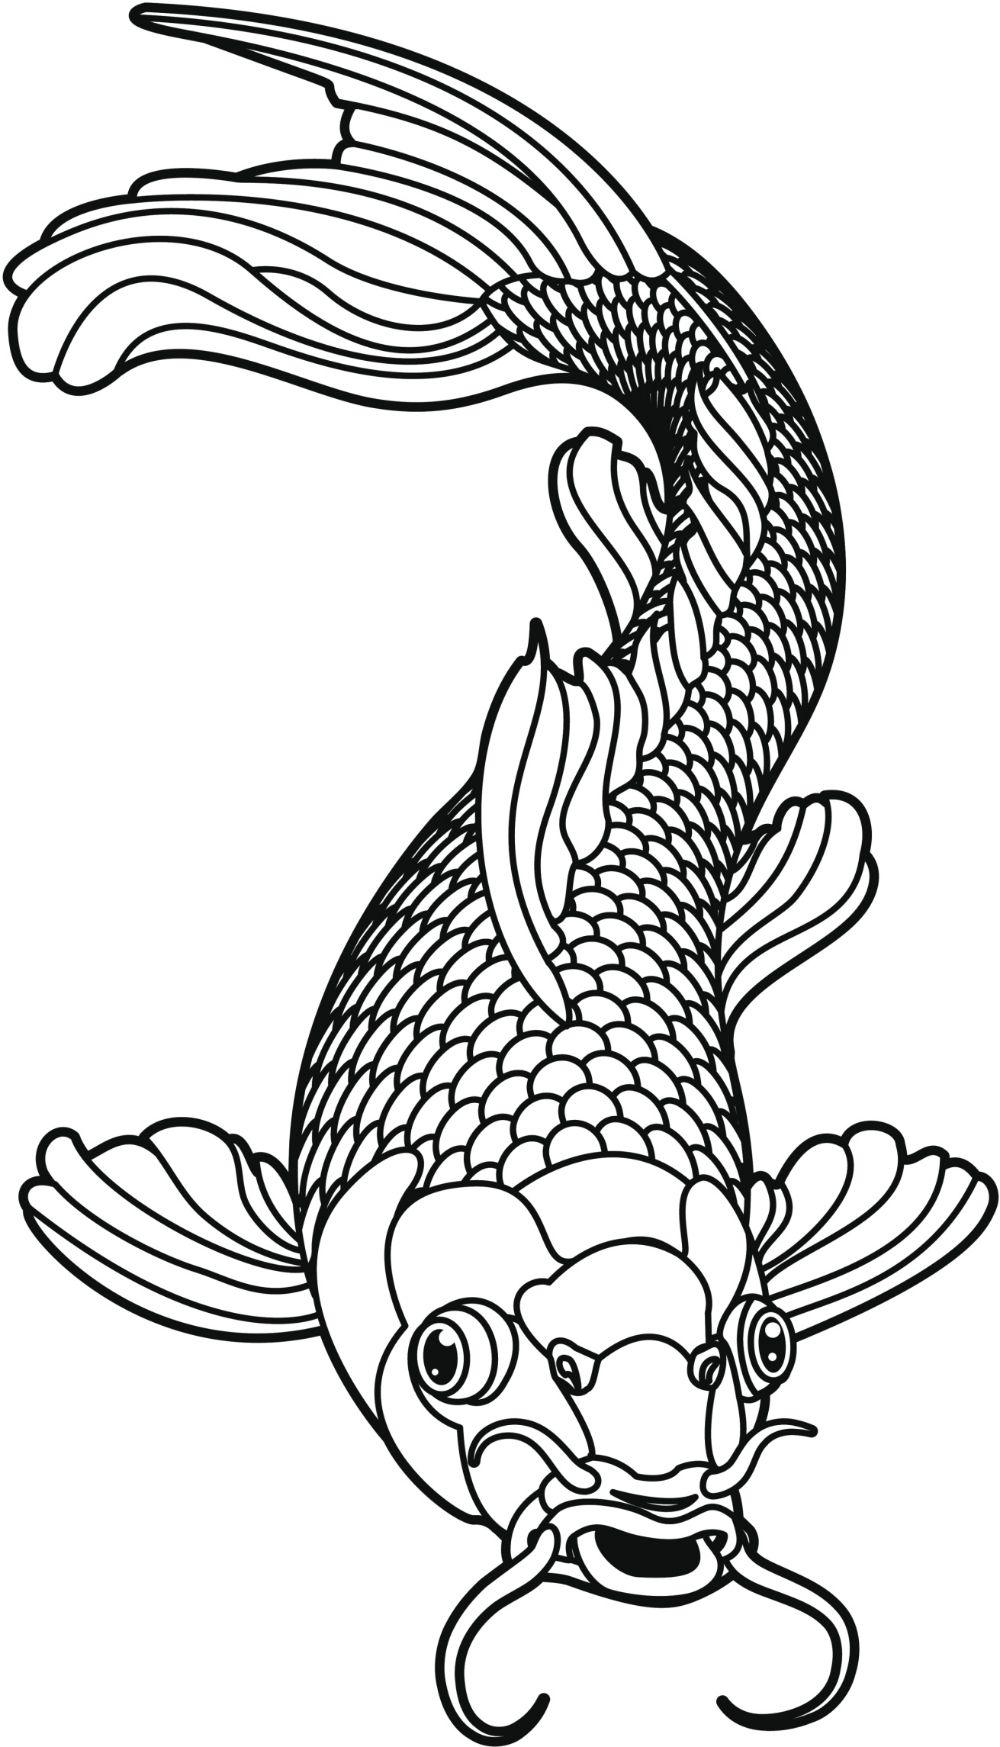 6dcbab5b9dc45 japanese catfish art - Google Search Koi Karpfen Tattoo, Koi Fish Tattoo  Meaning, Fish